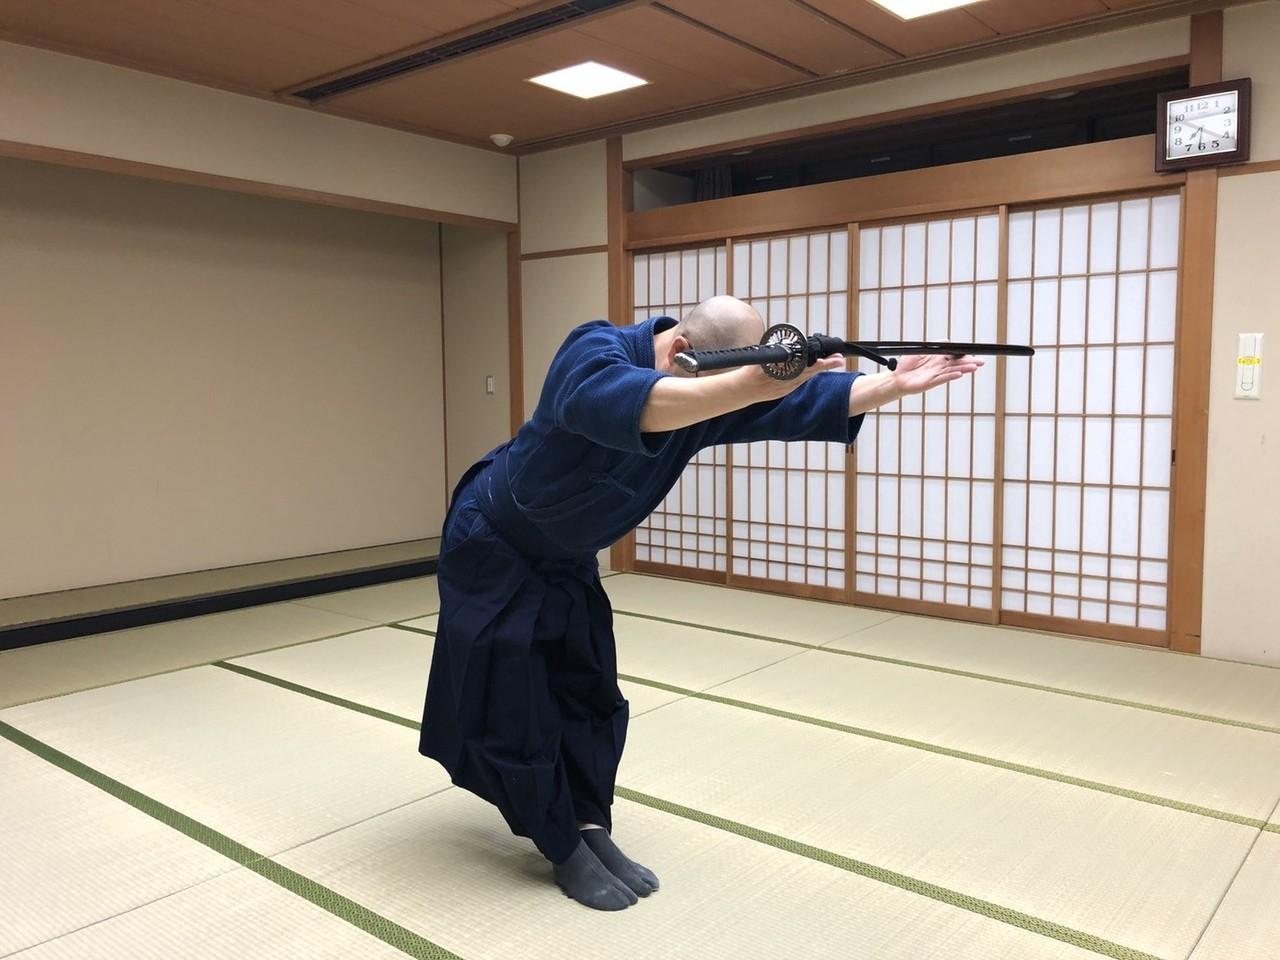 釈正輪老師、武道礼法&呼吸法開催